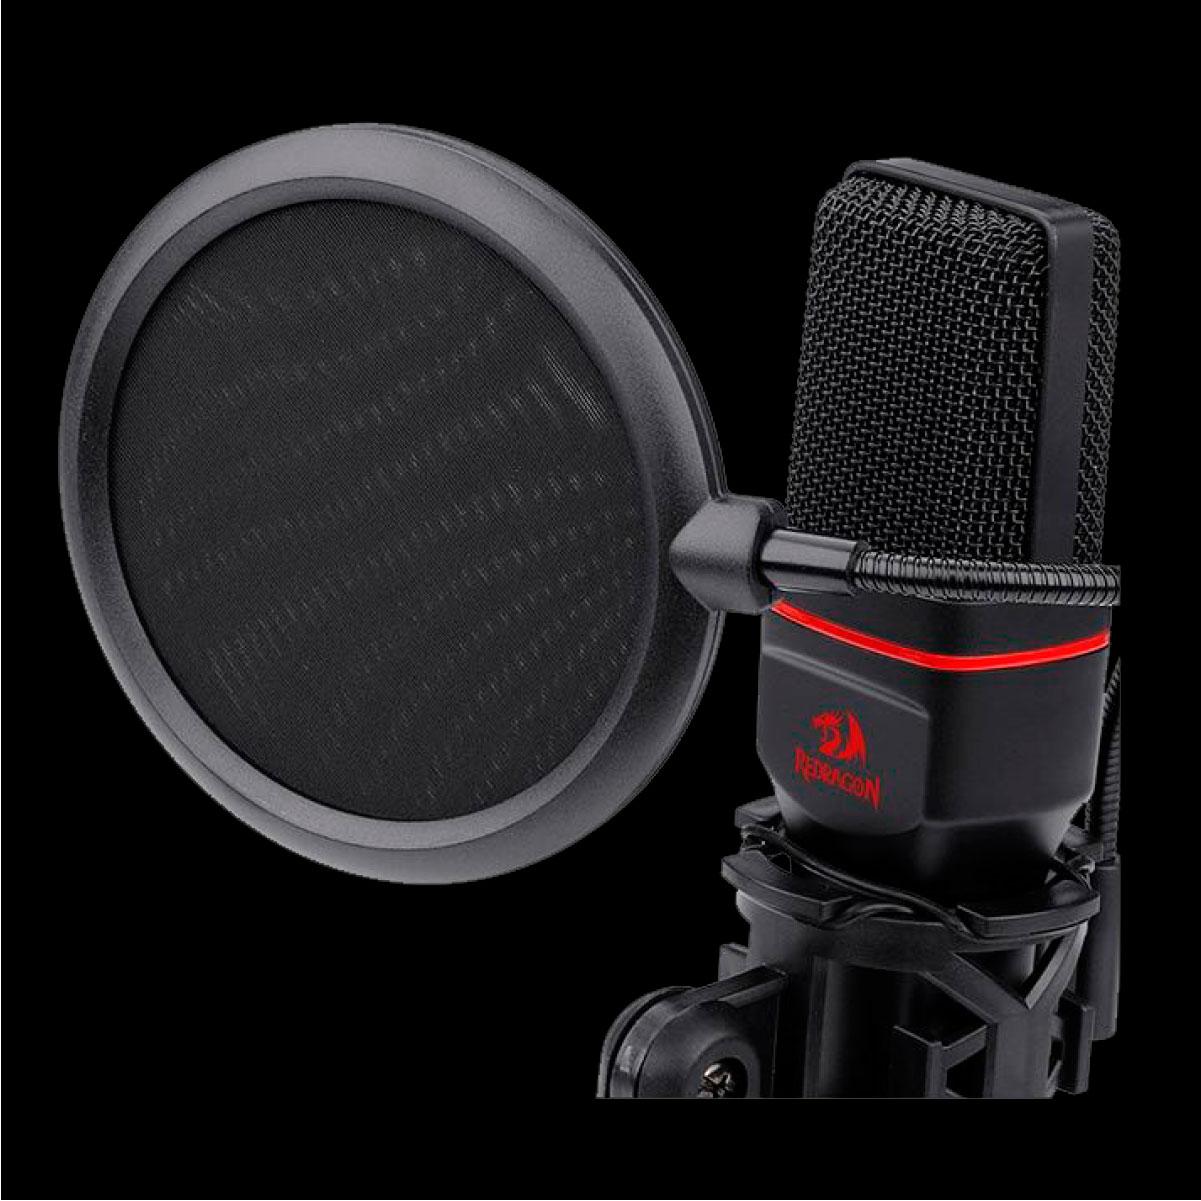 Microfone Gamer Streamer Redragon Seyfert com Condensador e Tripé 3.5mm Preto